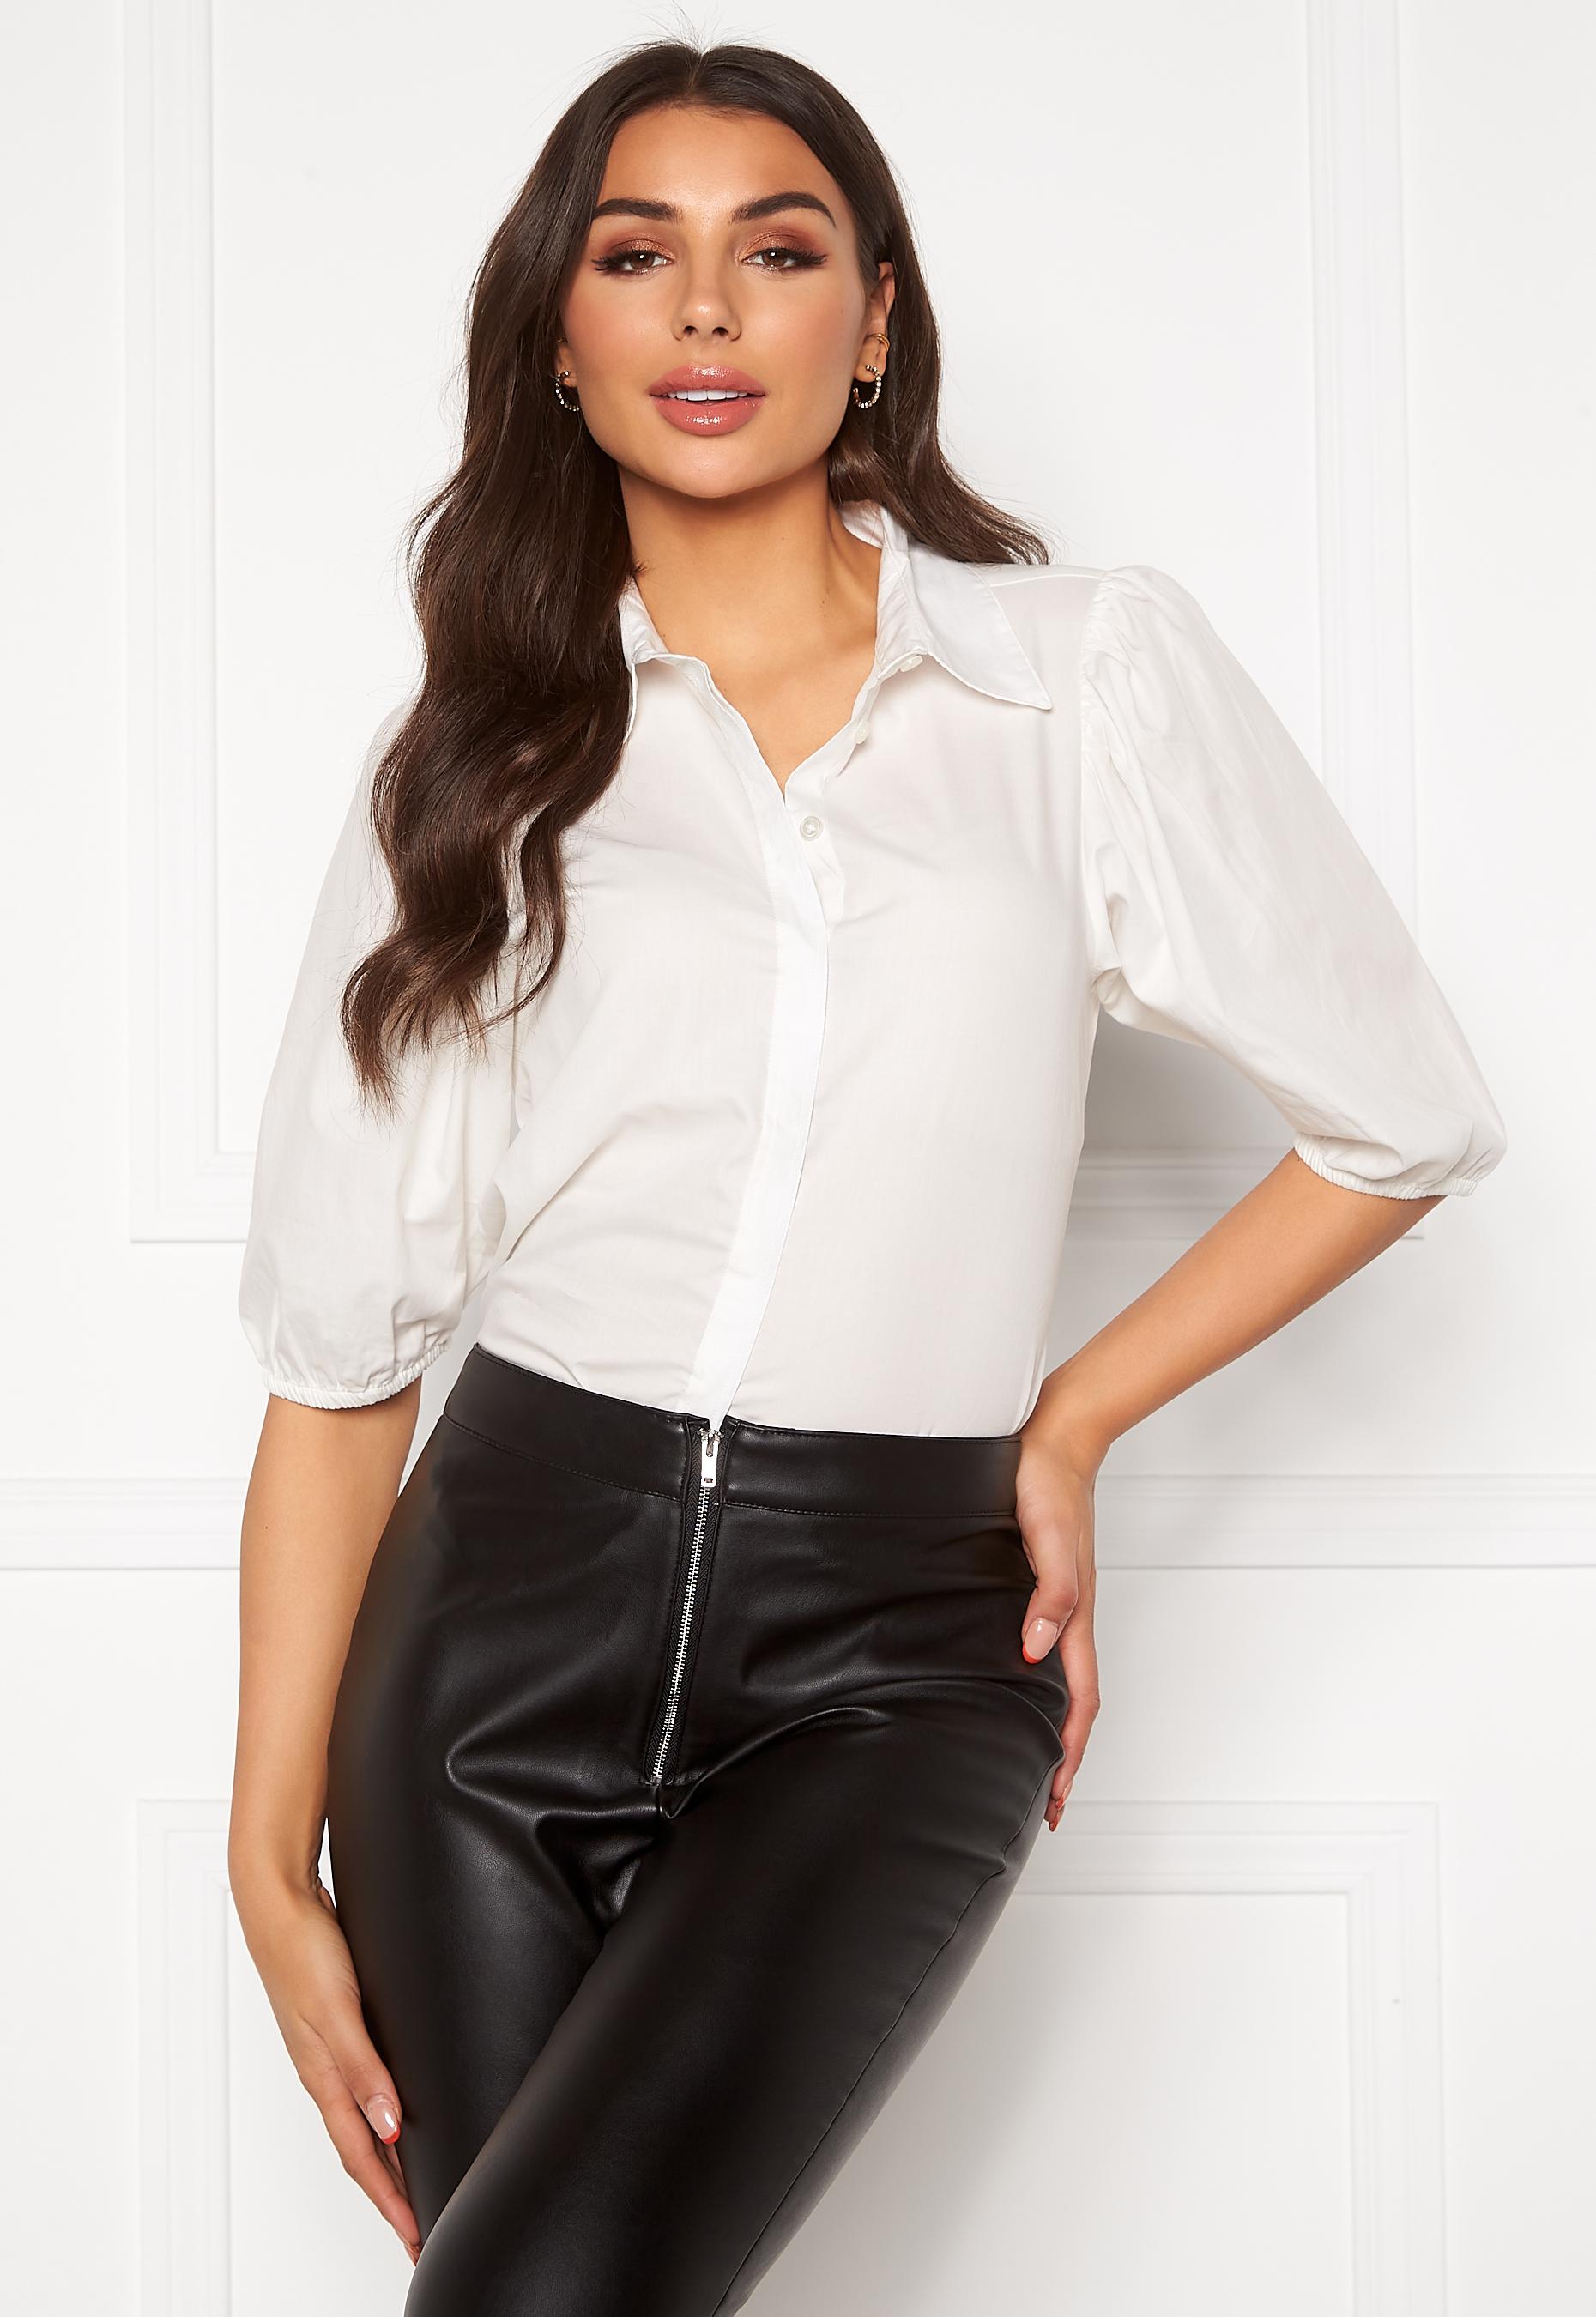 Salg Object Skjorter til dame på tilbud | FASHIOLA